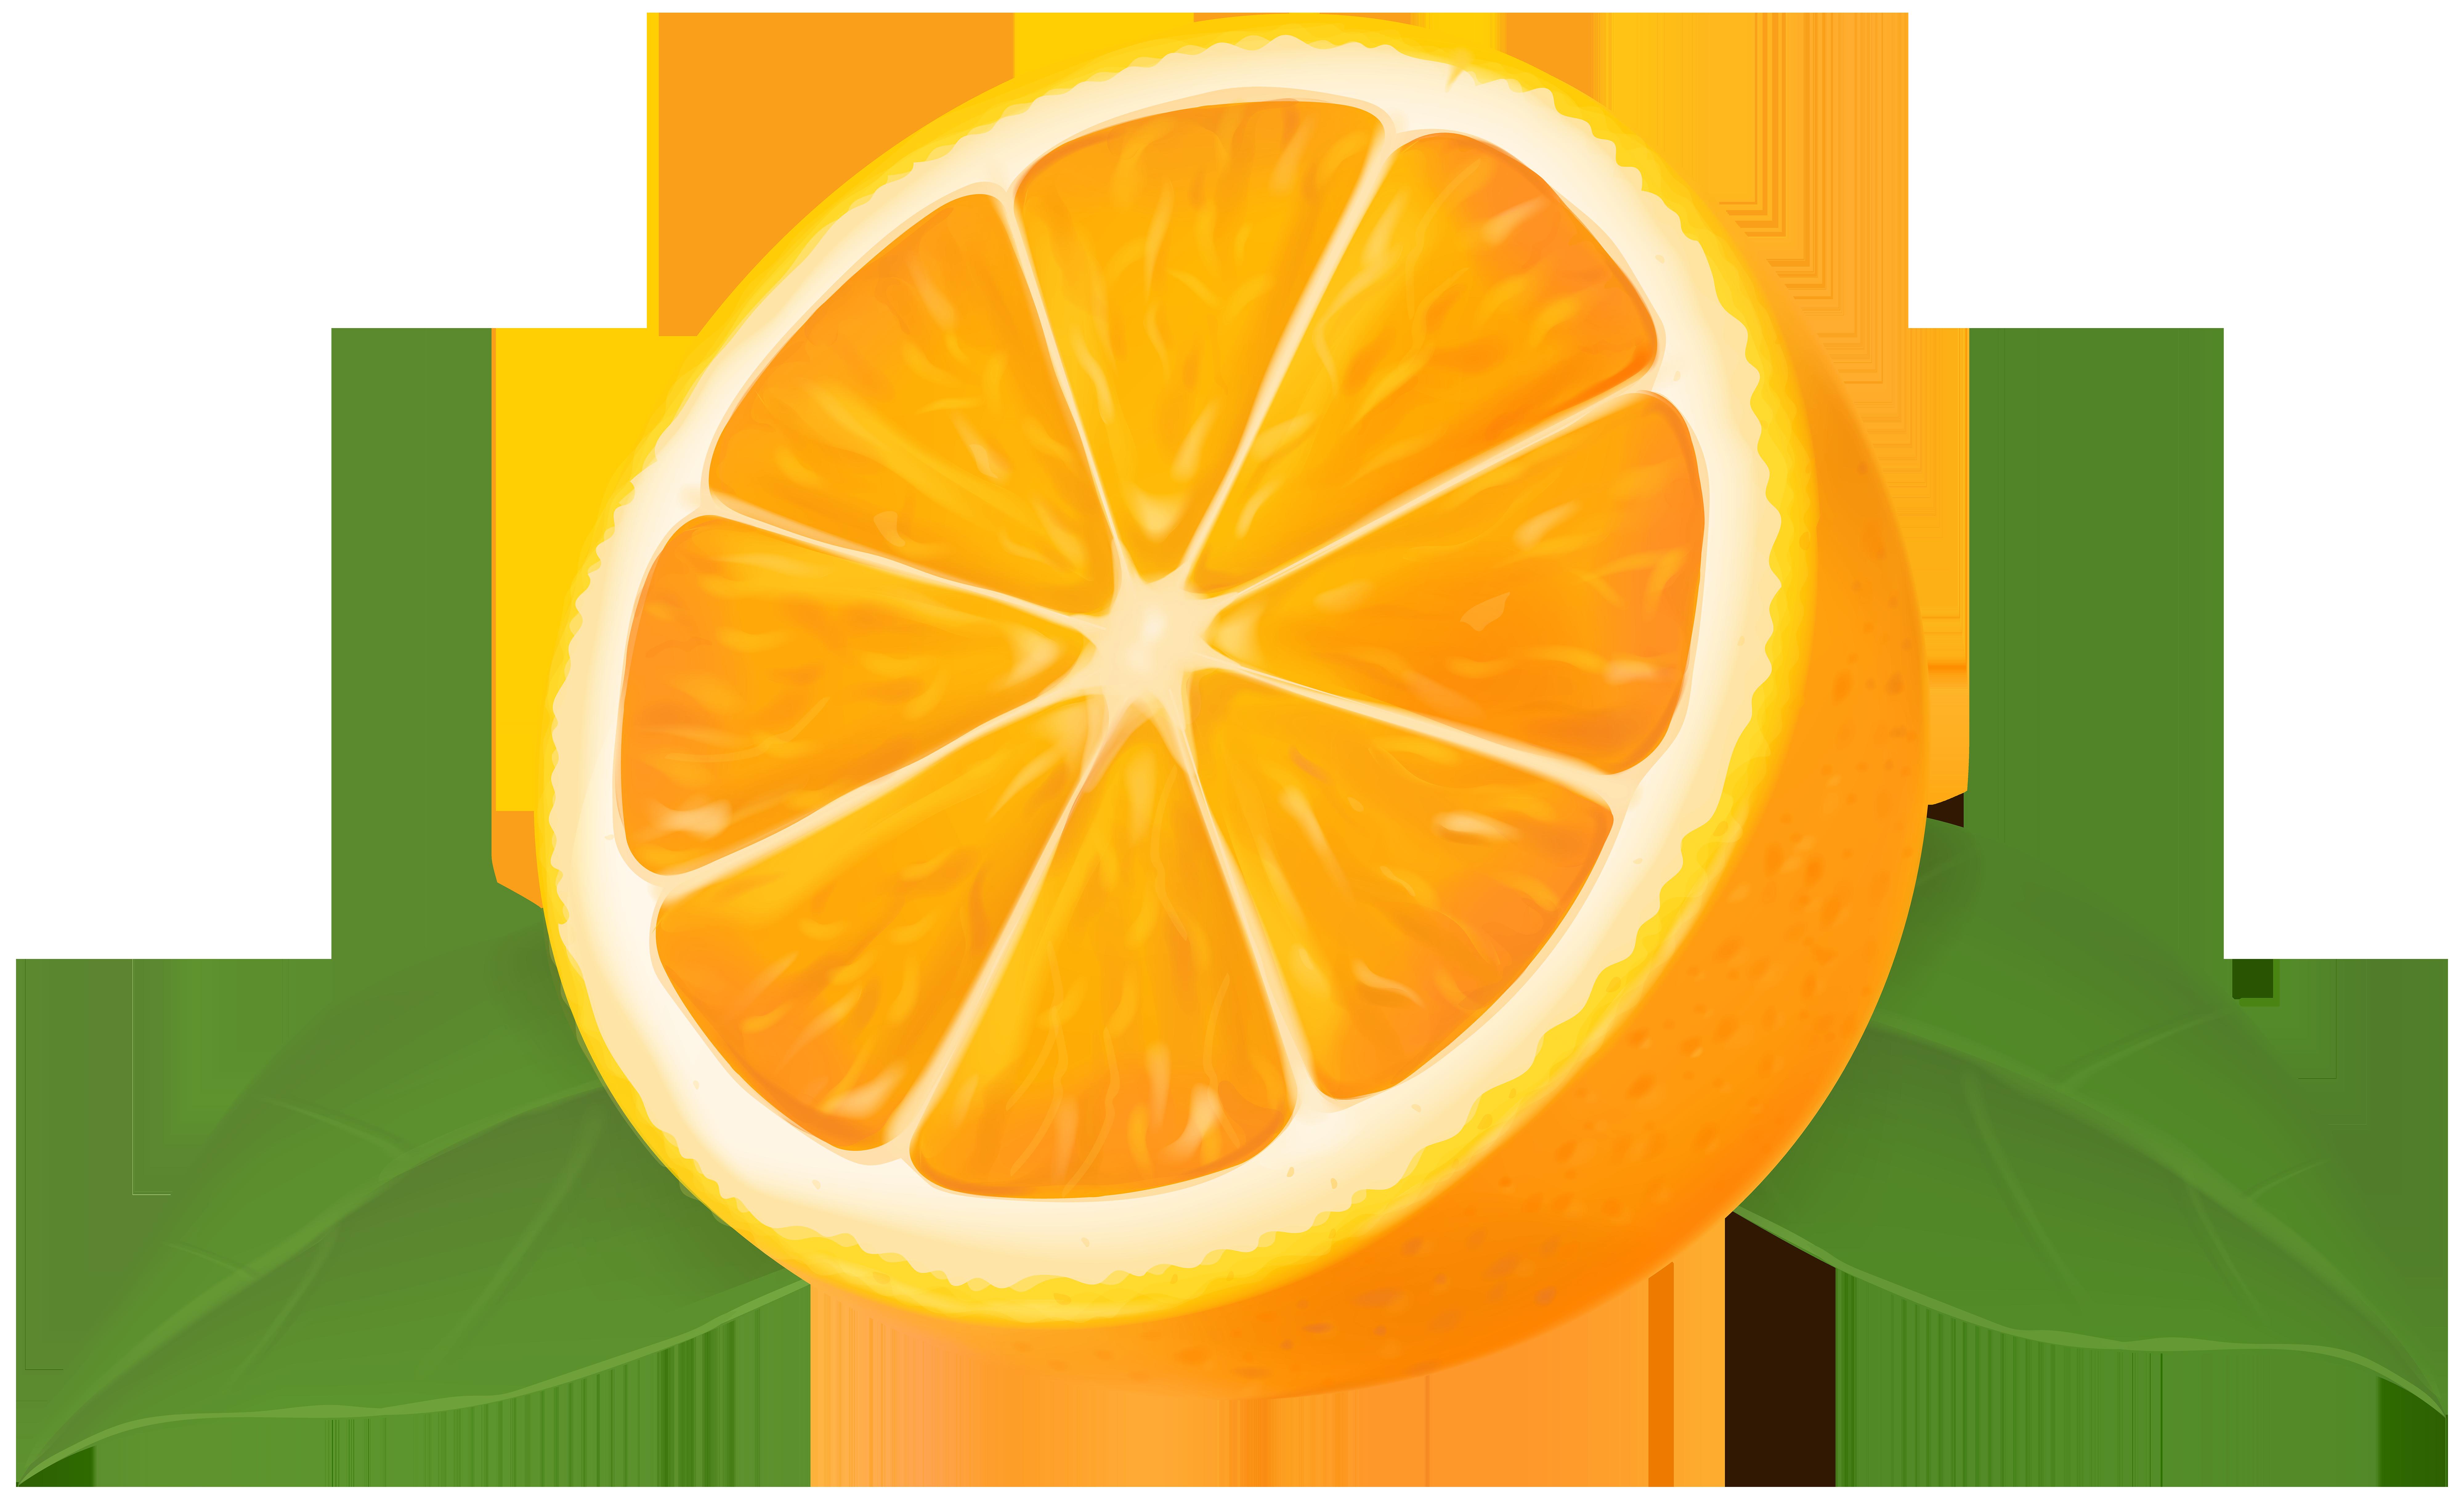 Half Orange Transparent Clip Art Image.